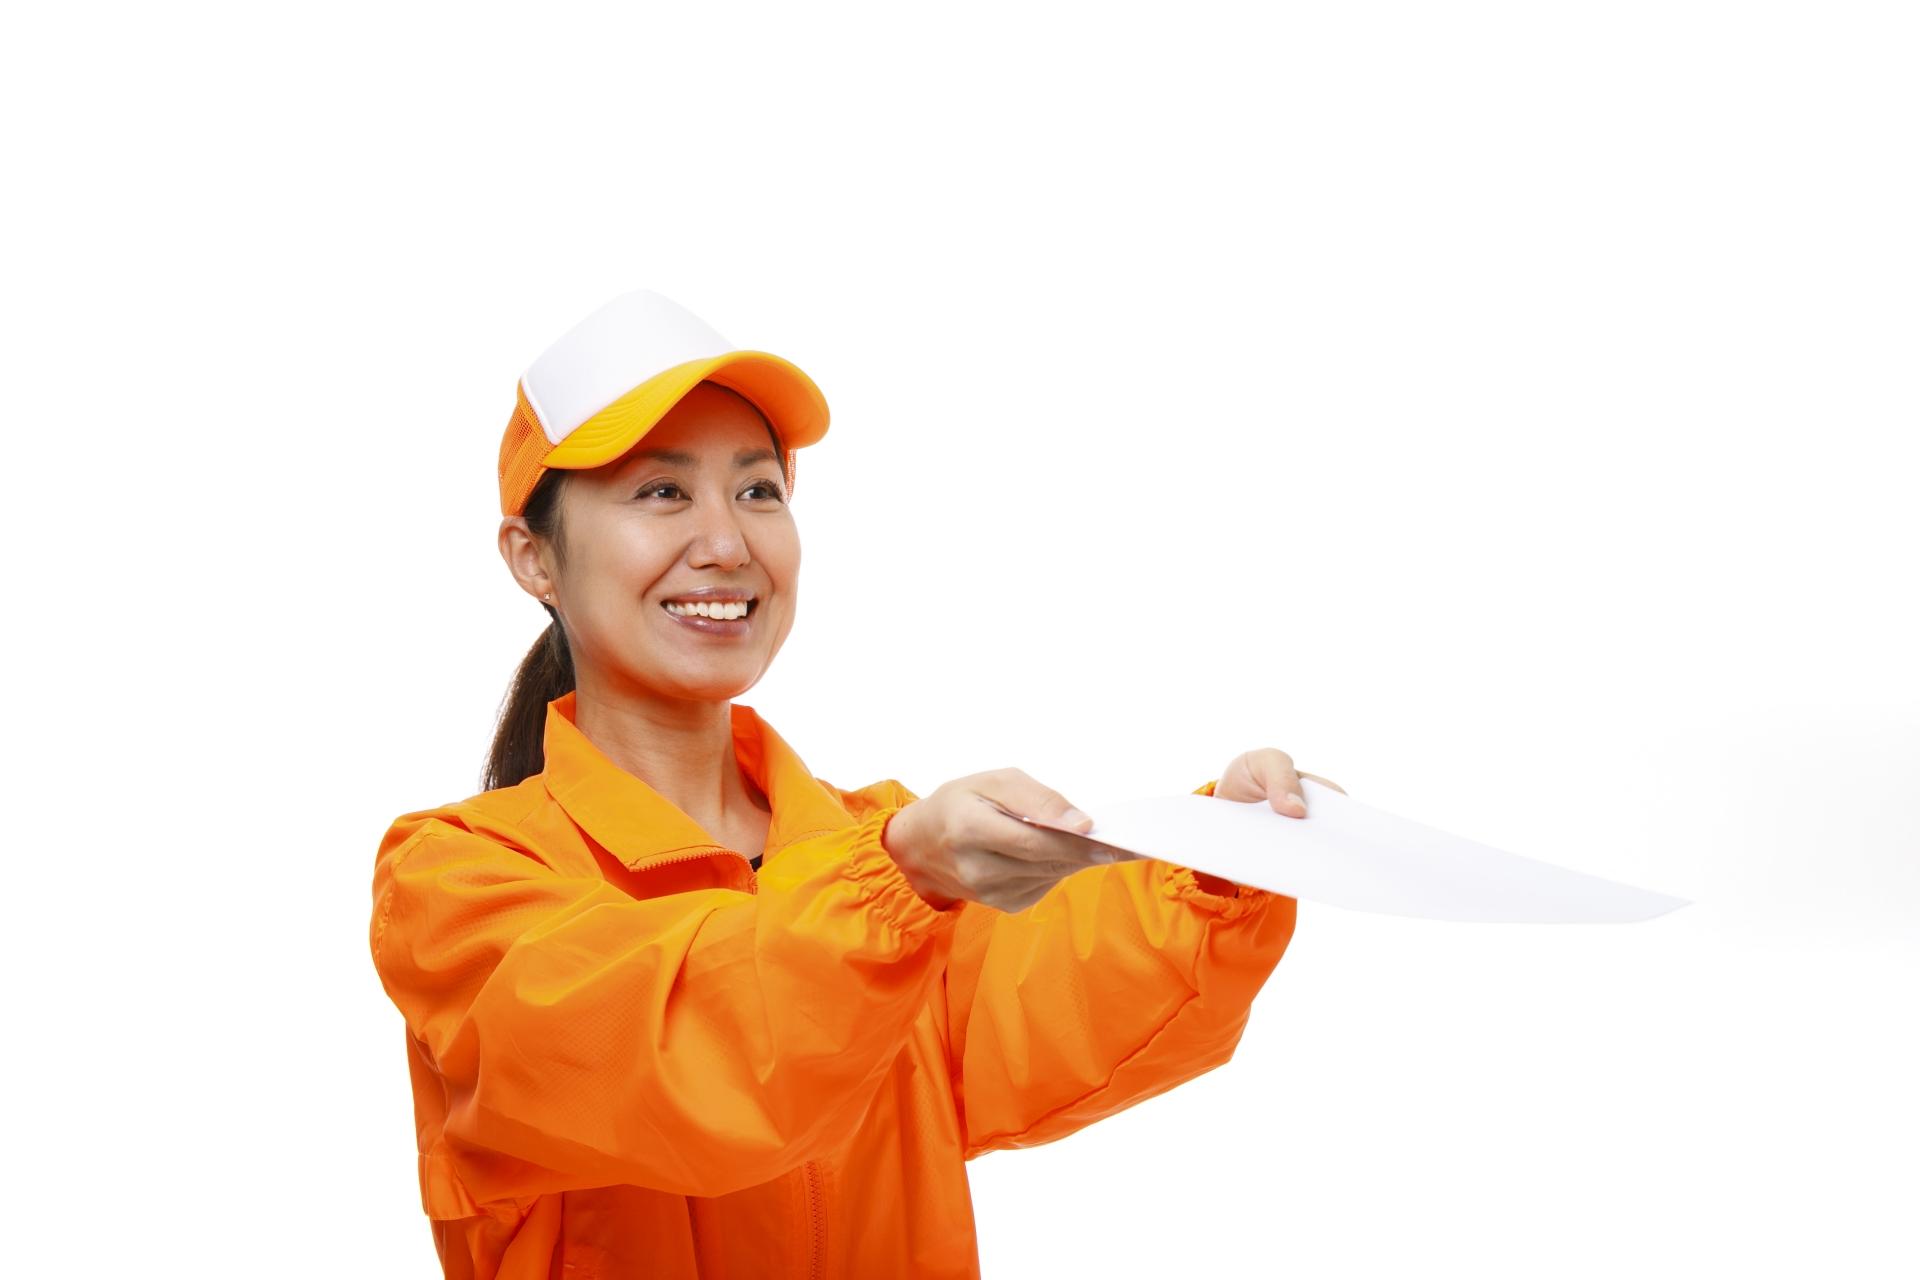 【アルバイト体験談インタビュー】チラシ配りのアルバイト